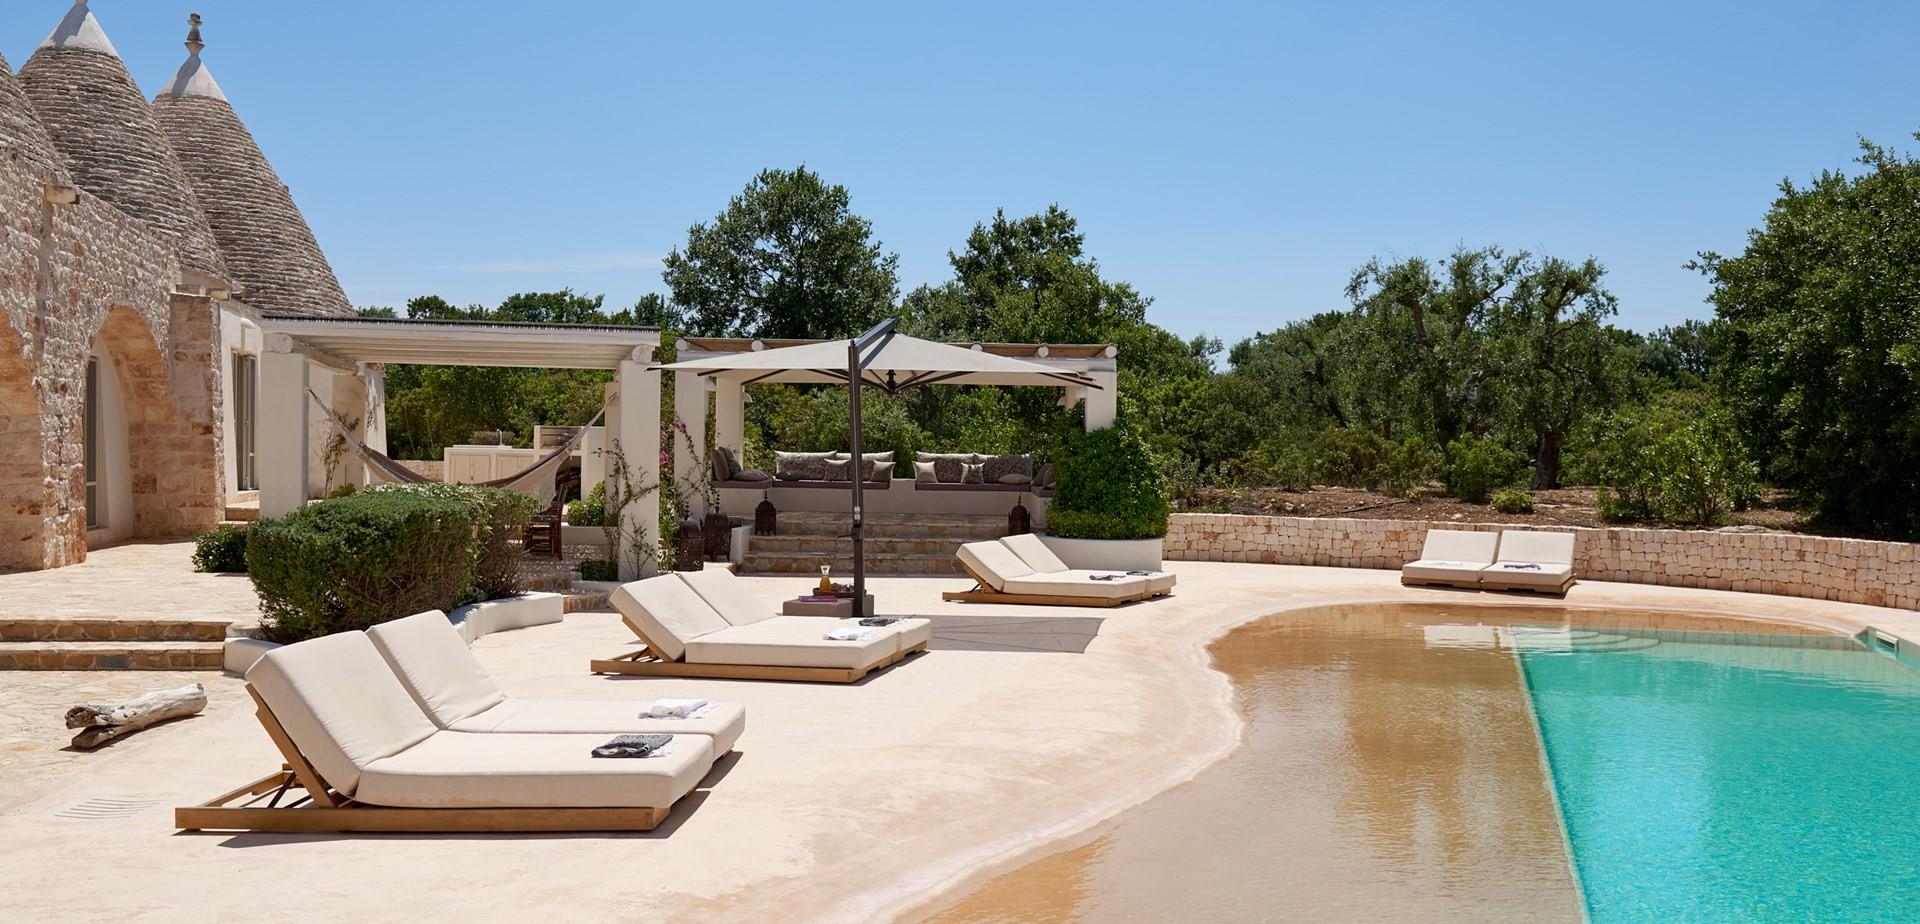 trulli-fiori-puglia-pool-terrace